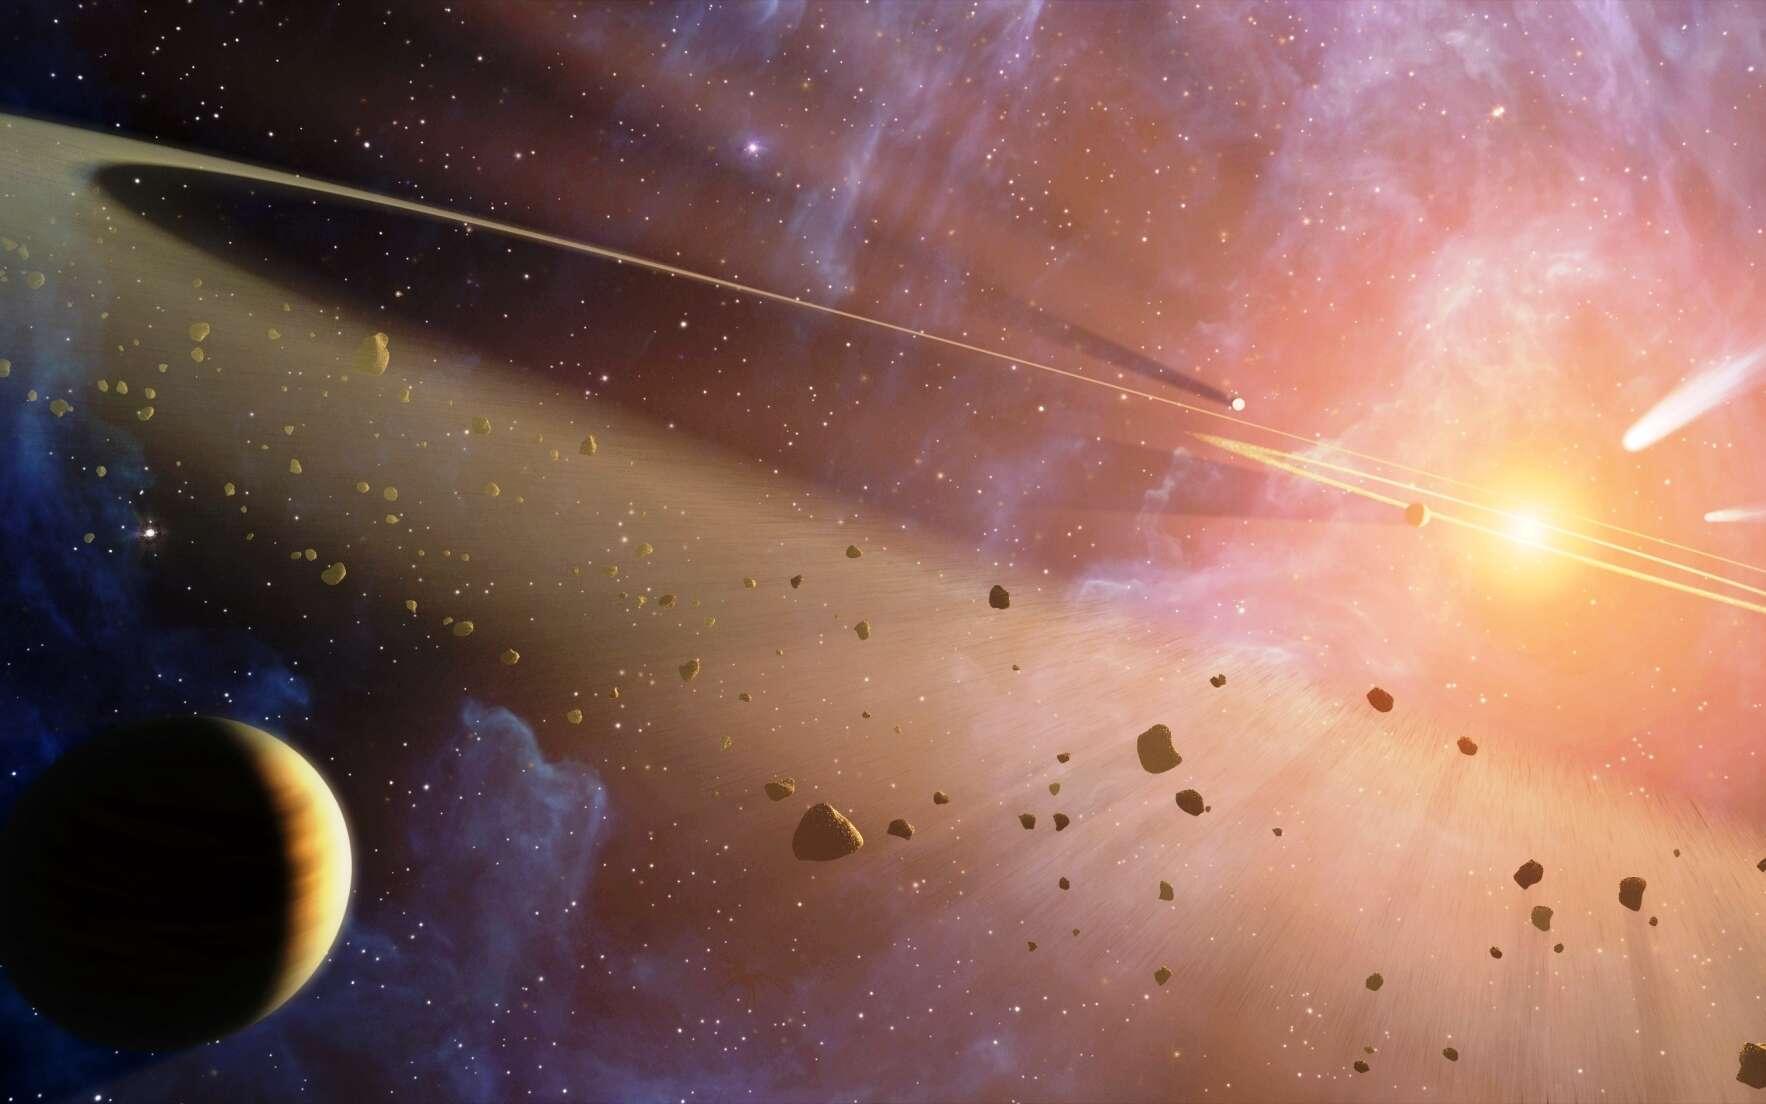 Une vue d'artiste de la naissance du Système solaire. © Nasa, JPL-Caltech, T. Pyle, SSC